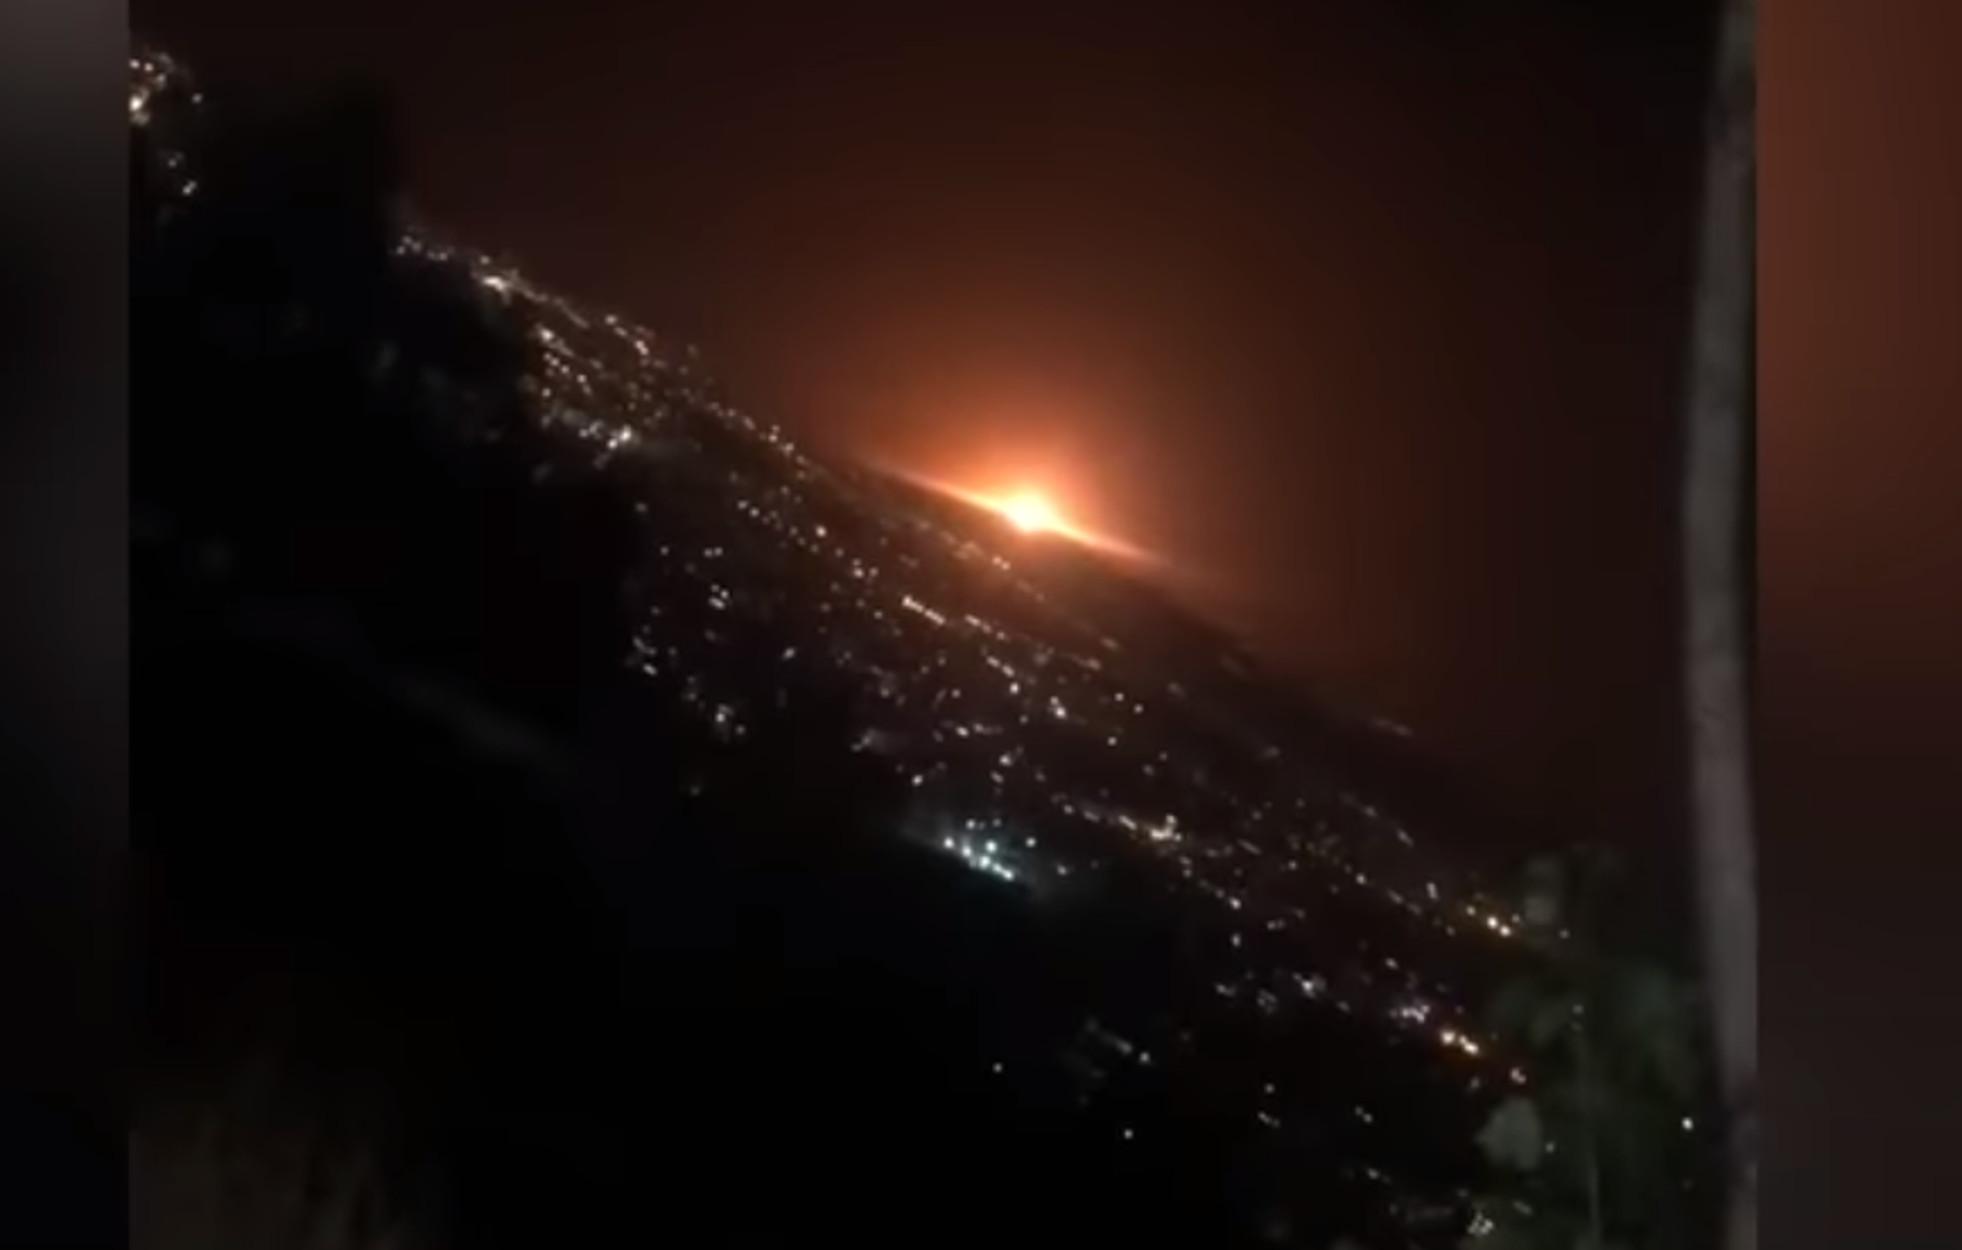 """Τεχεράνη: Από δεξαμενή αερίου η έκρηξη που """"φώτισε"""" την πόλη (video)"""